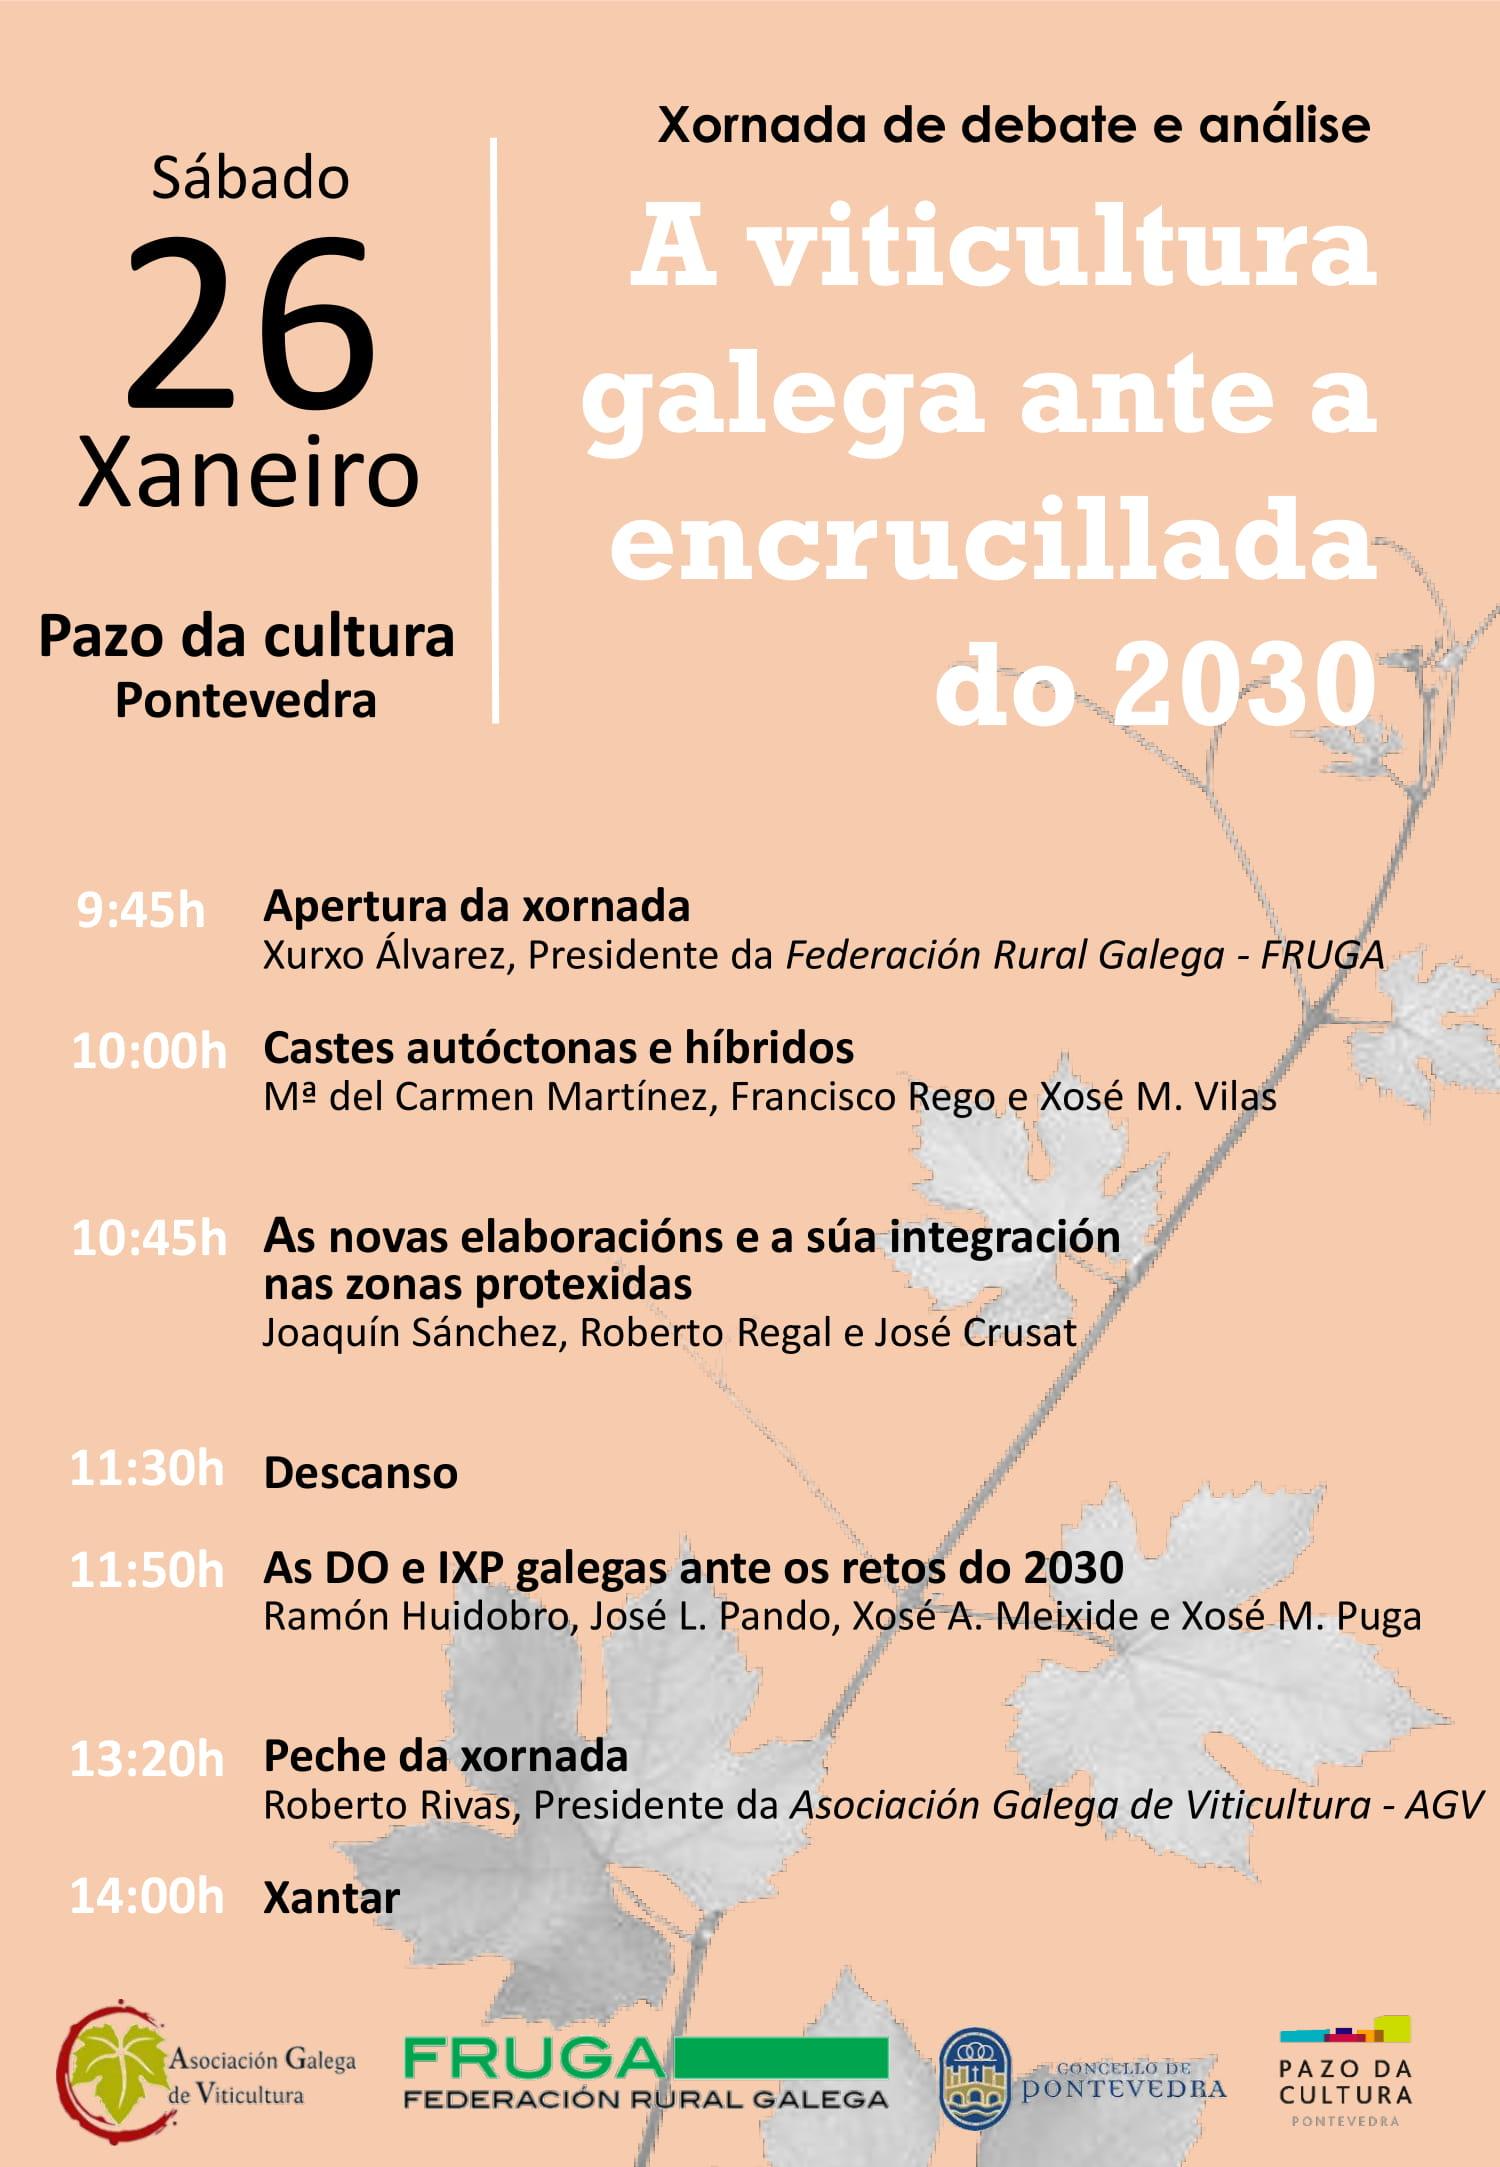 A viticultura galega ante a encrucillada do 2030